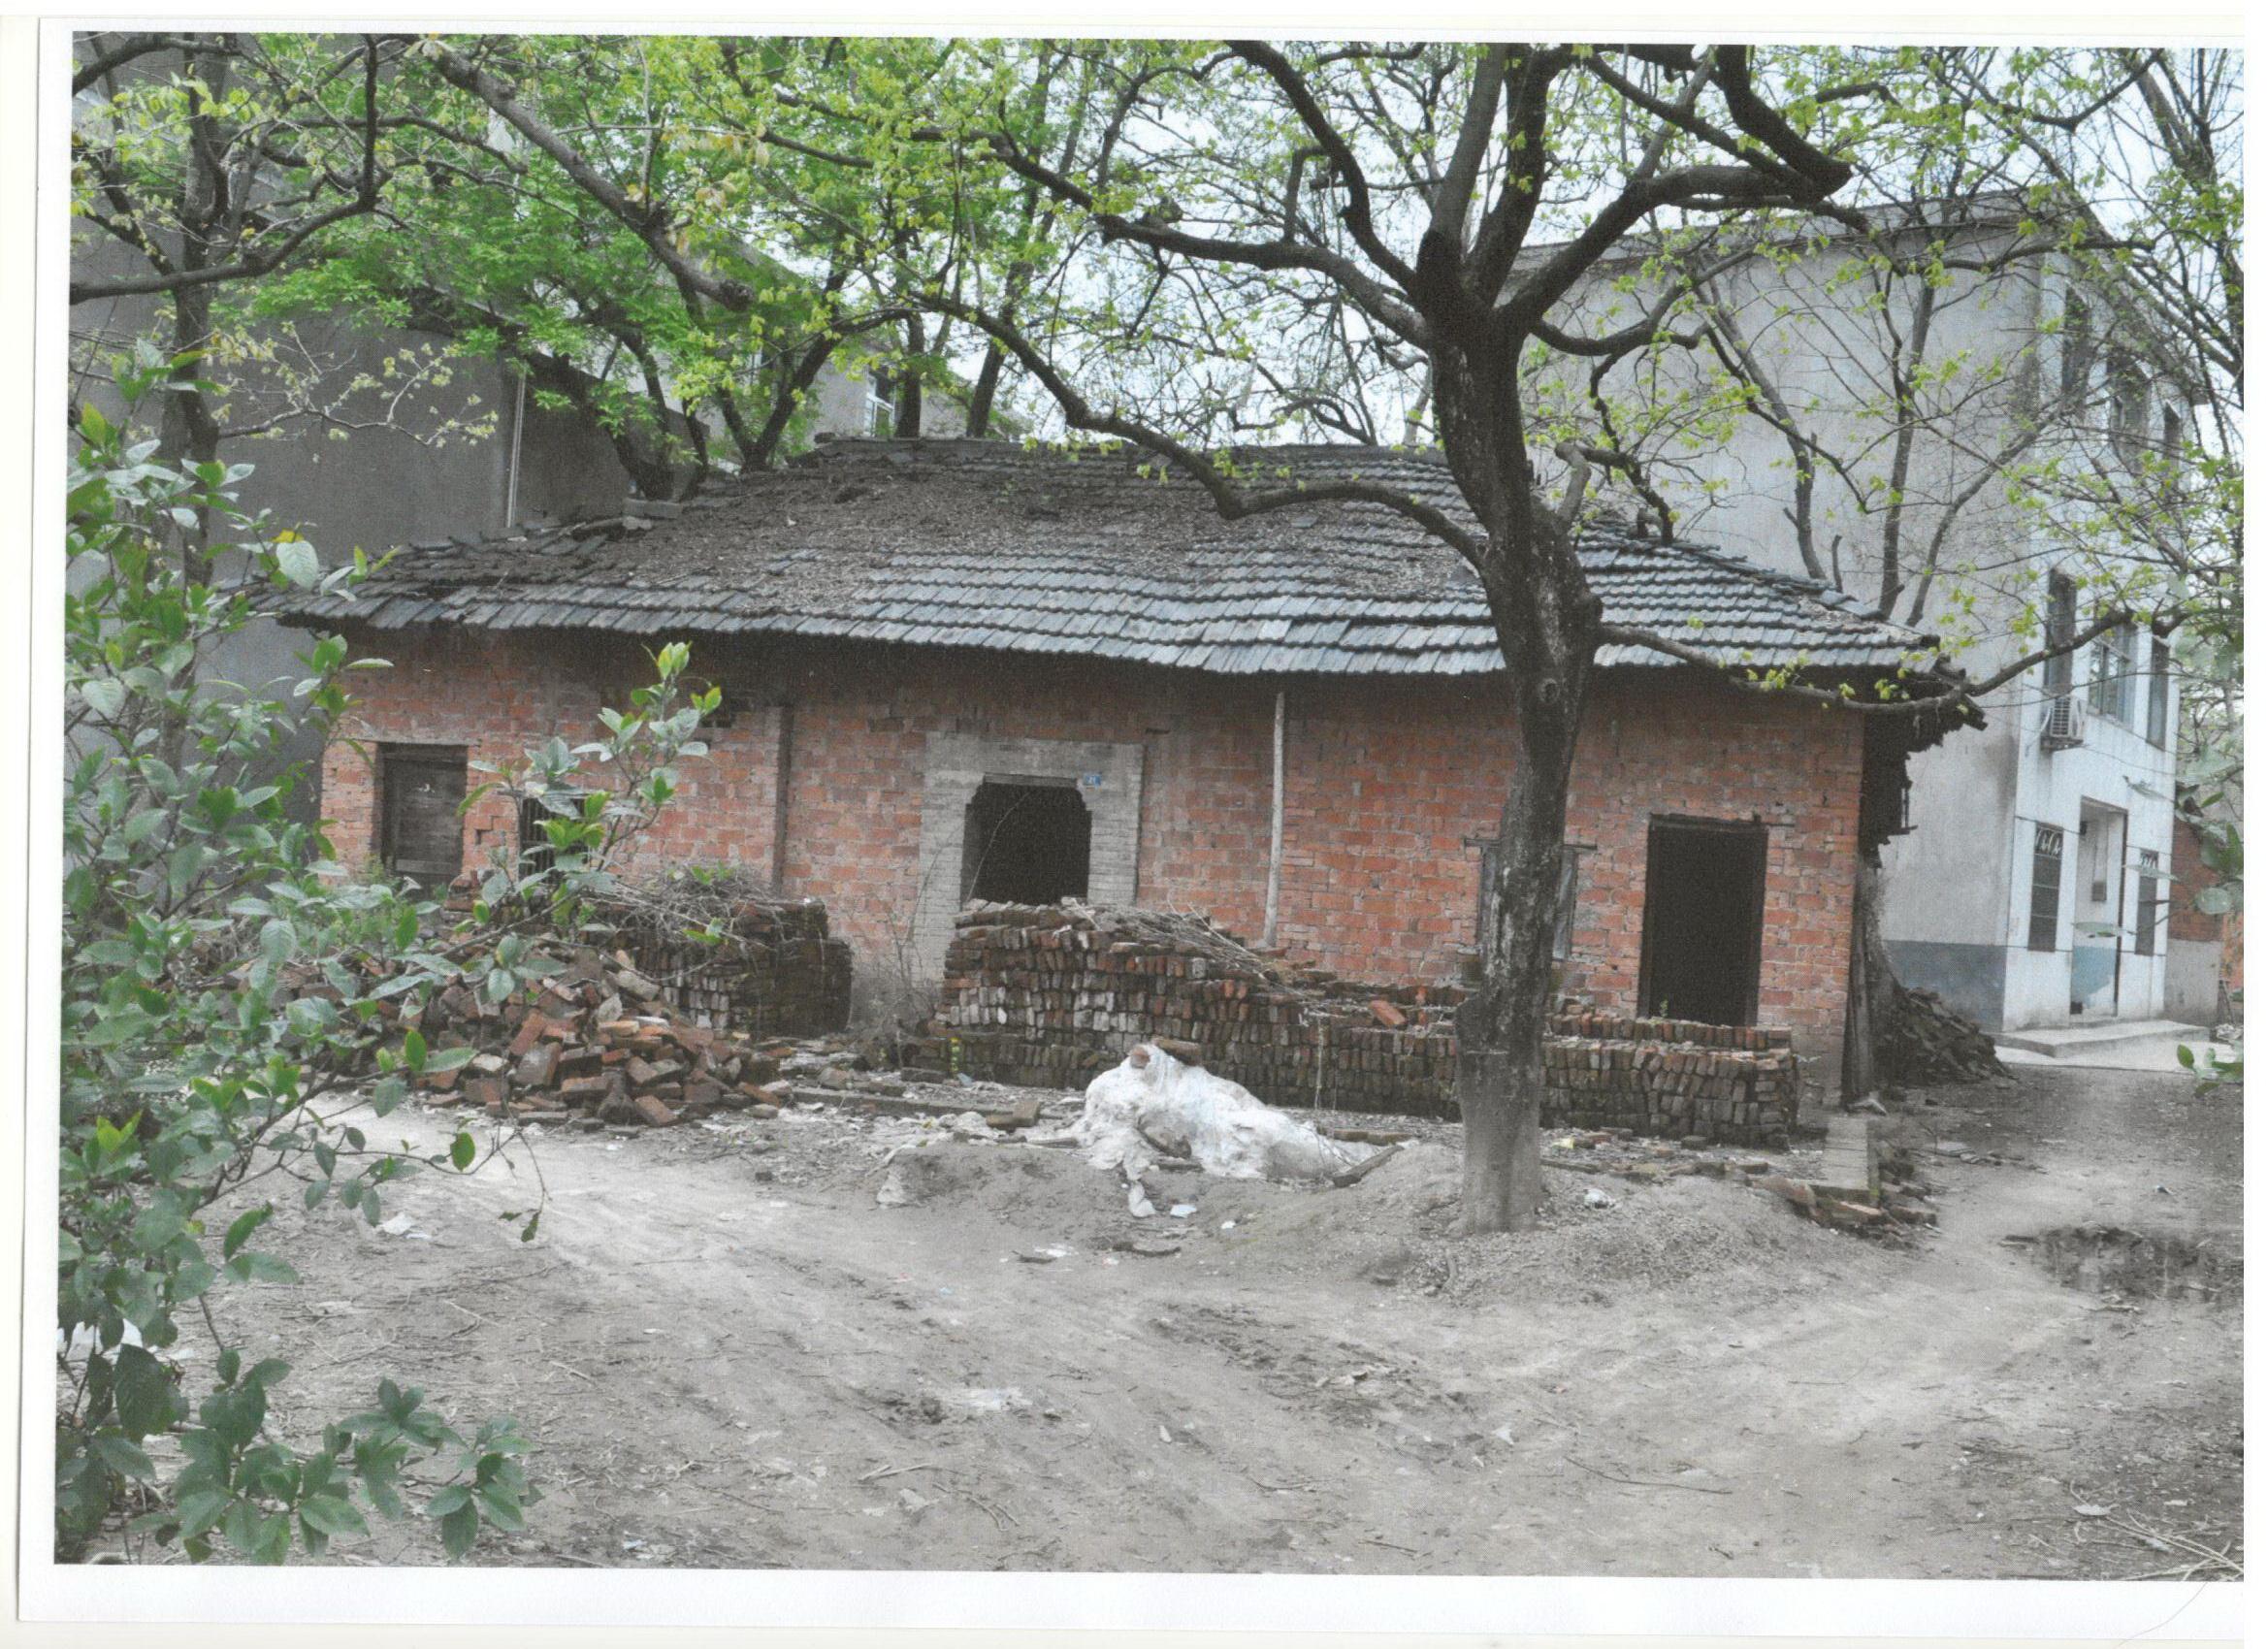 这张珍贵的房屋全貌旧照片是安徽省安庆市中级人民法院受理的(2019) 皖08行初112号涉案宅基地房屋在动迁前的全貌。